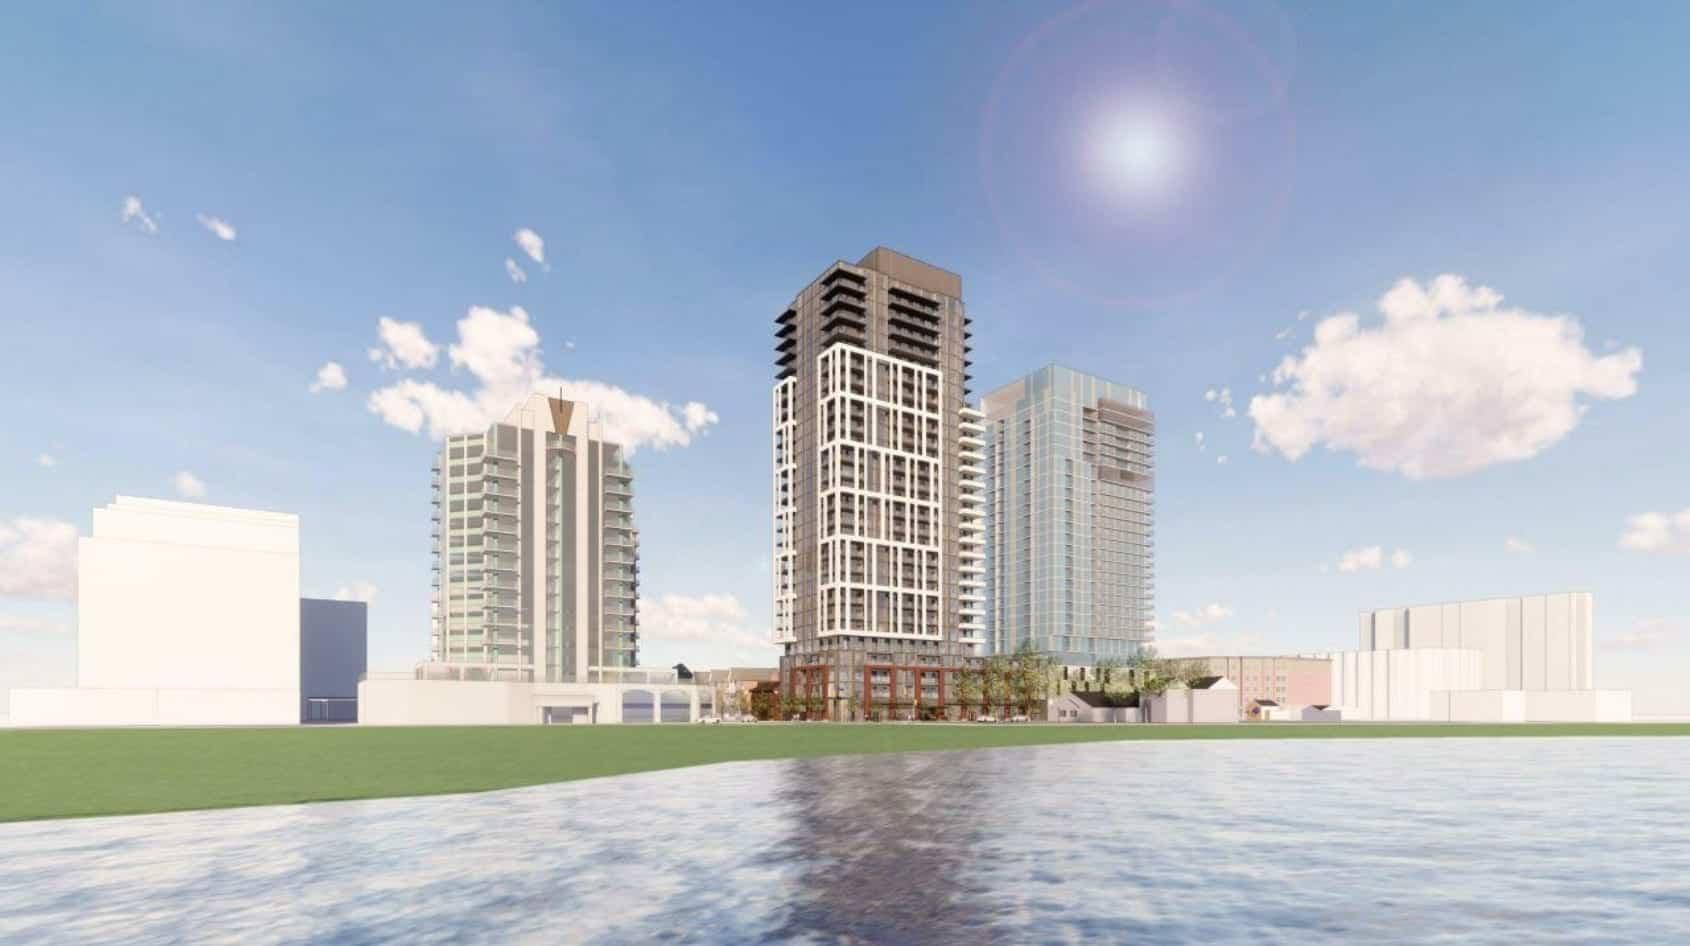 2079 Lakeshore Road Condos Burlington Waterfront Rendering True Condos